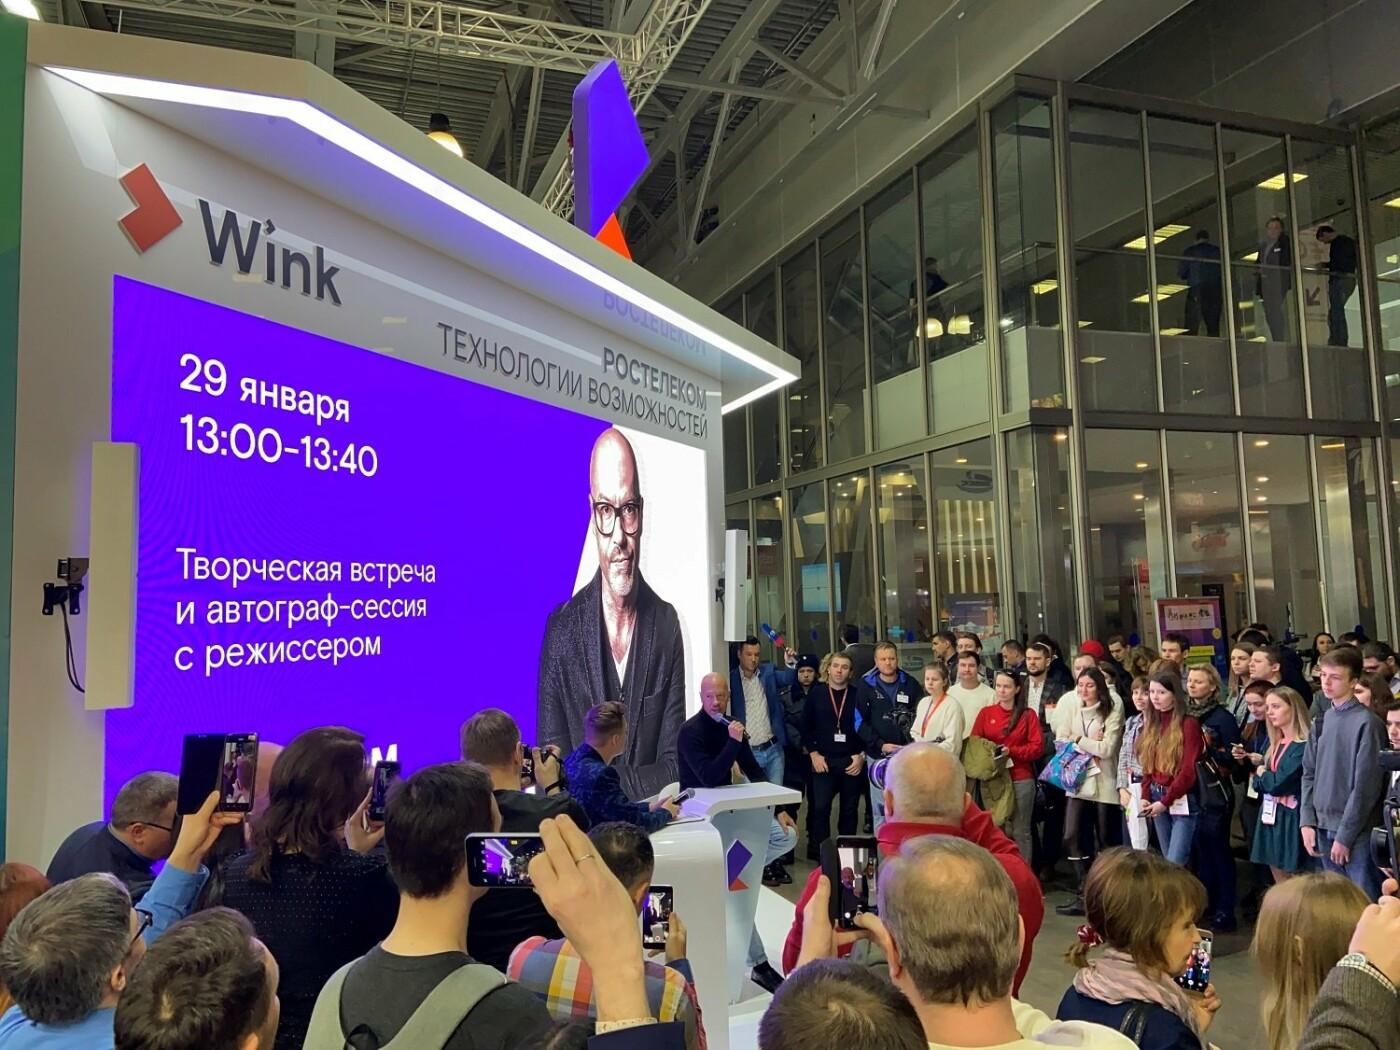 Wink получил эксклюзивные цифровые права на показ новых фильмов Фёдора Бондарчука, фото-1